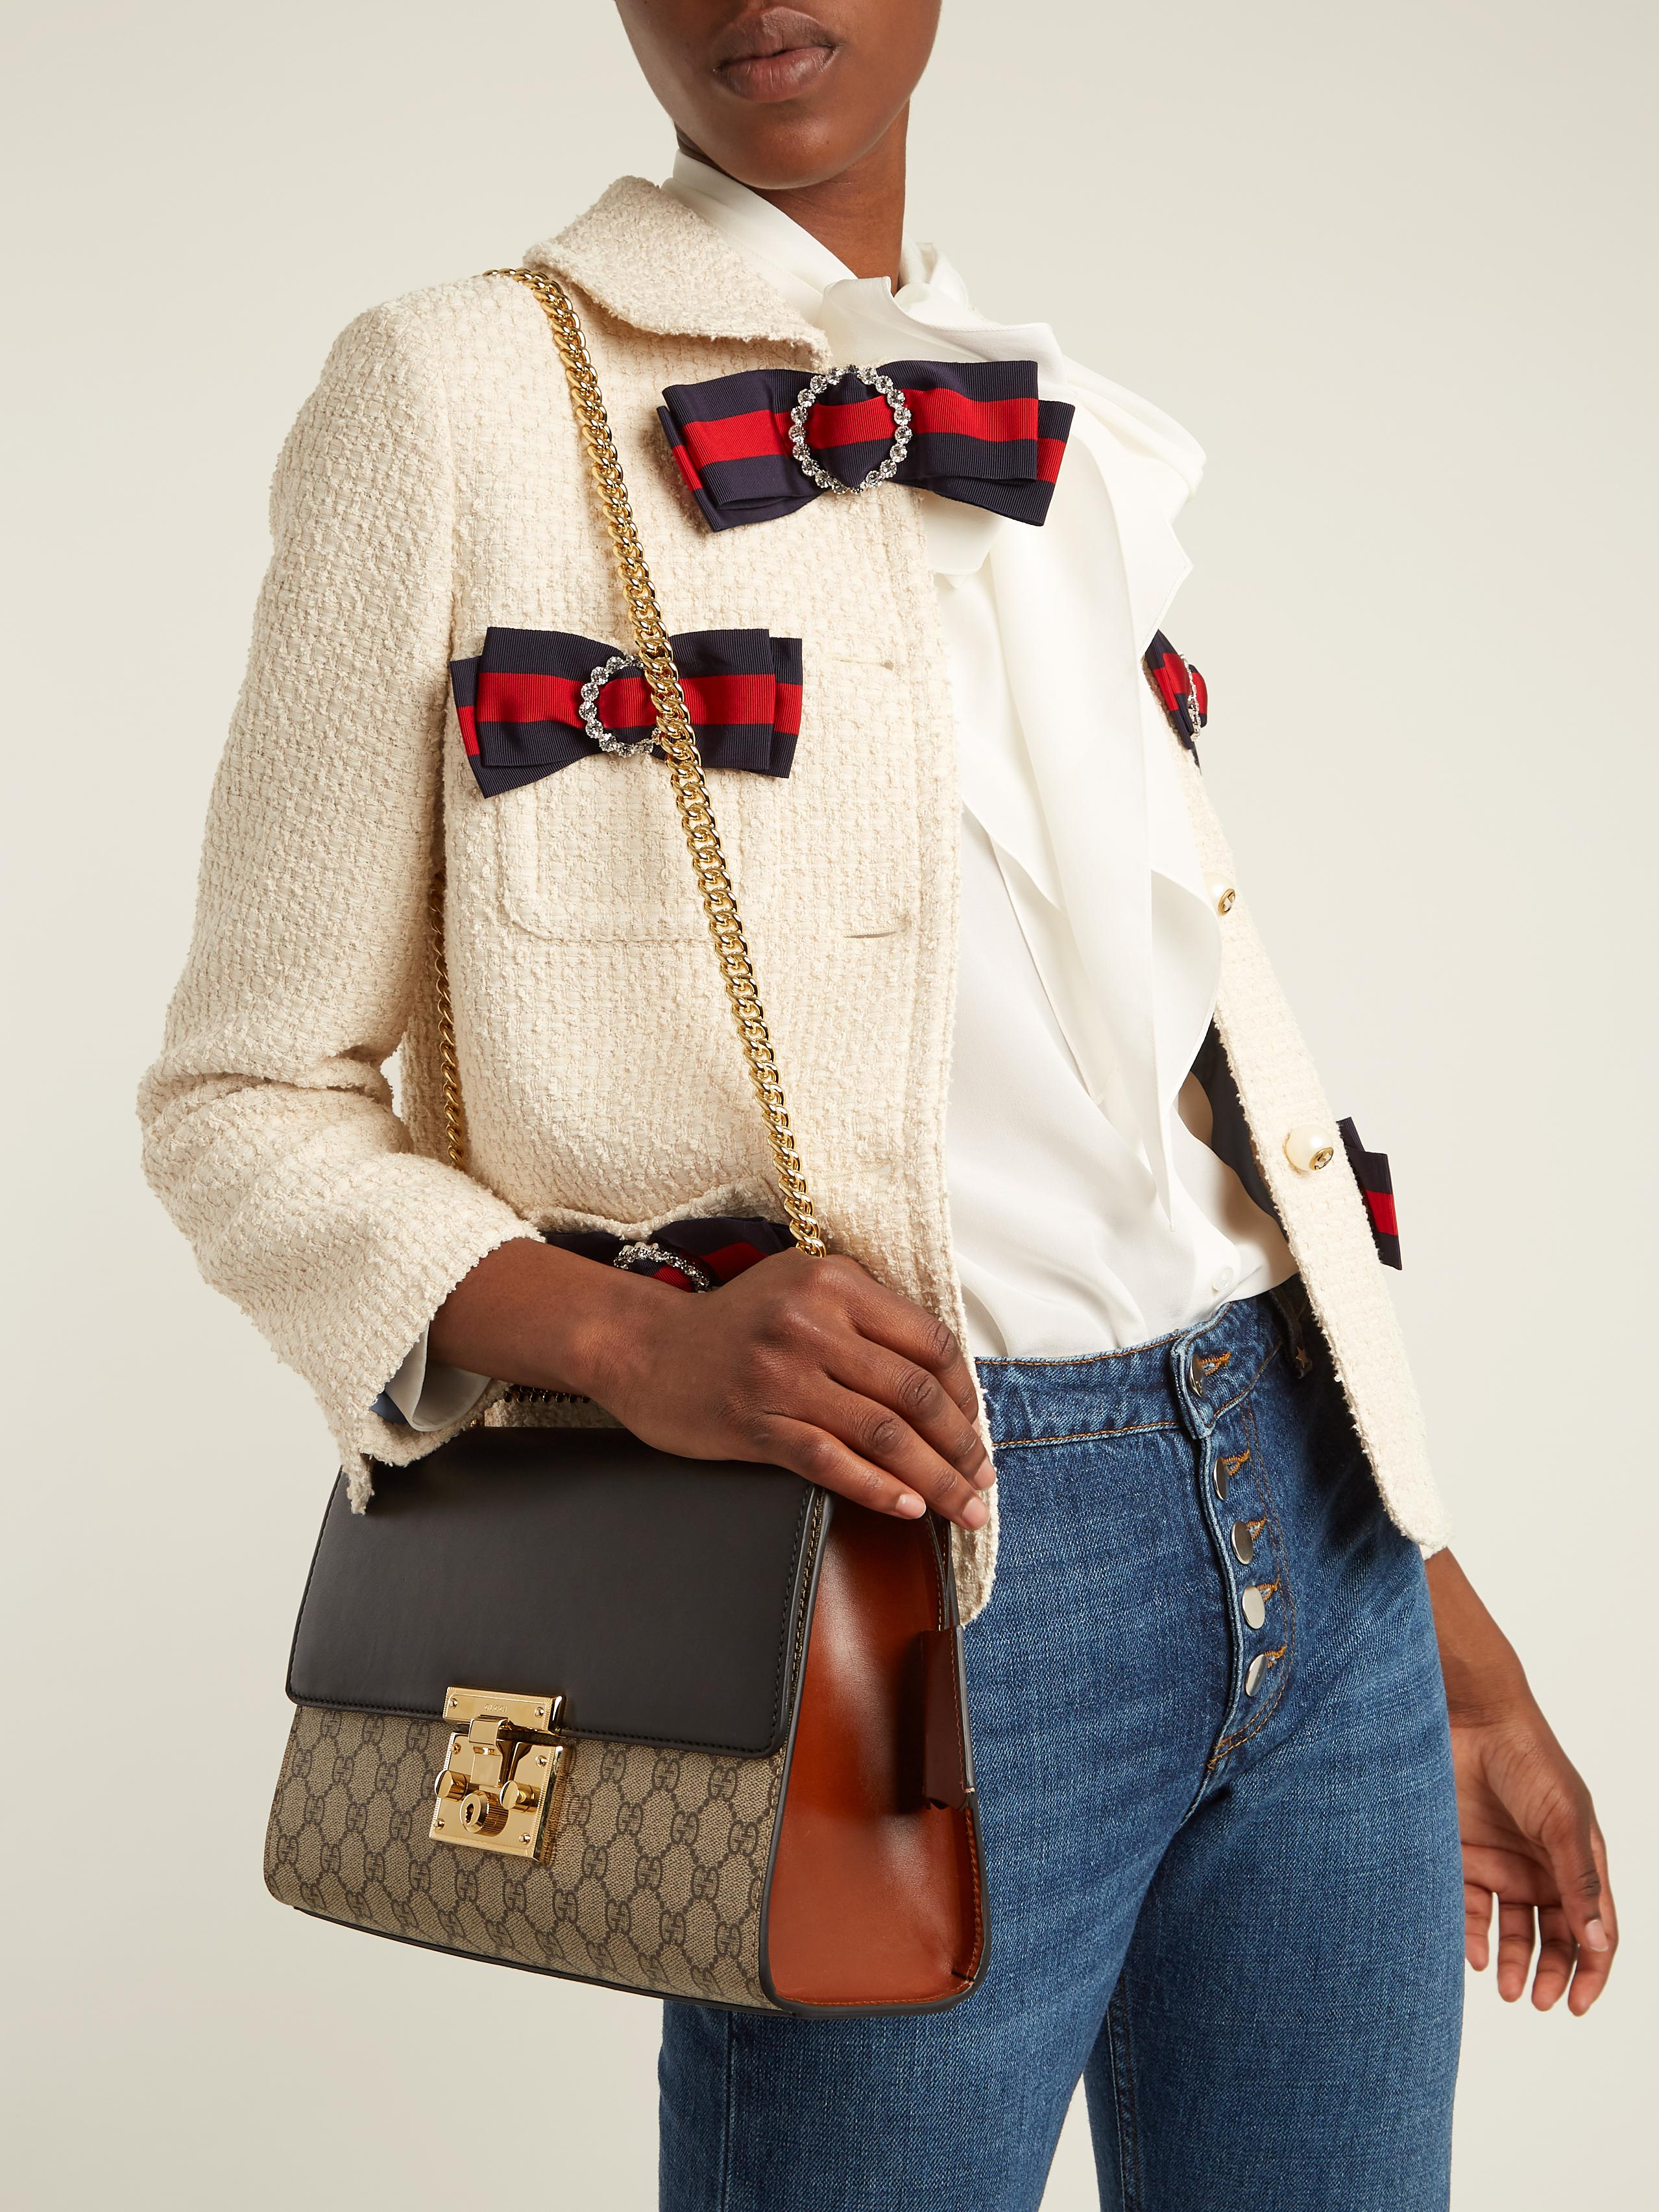 0a3d4ac394a Lyst - Gucci Padlock Gg Supreme Medium Shoulder Bag